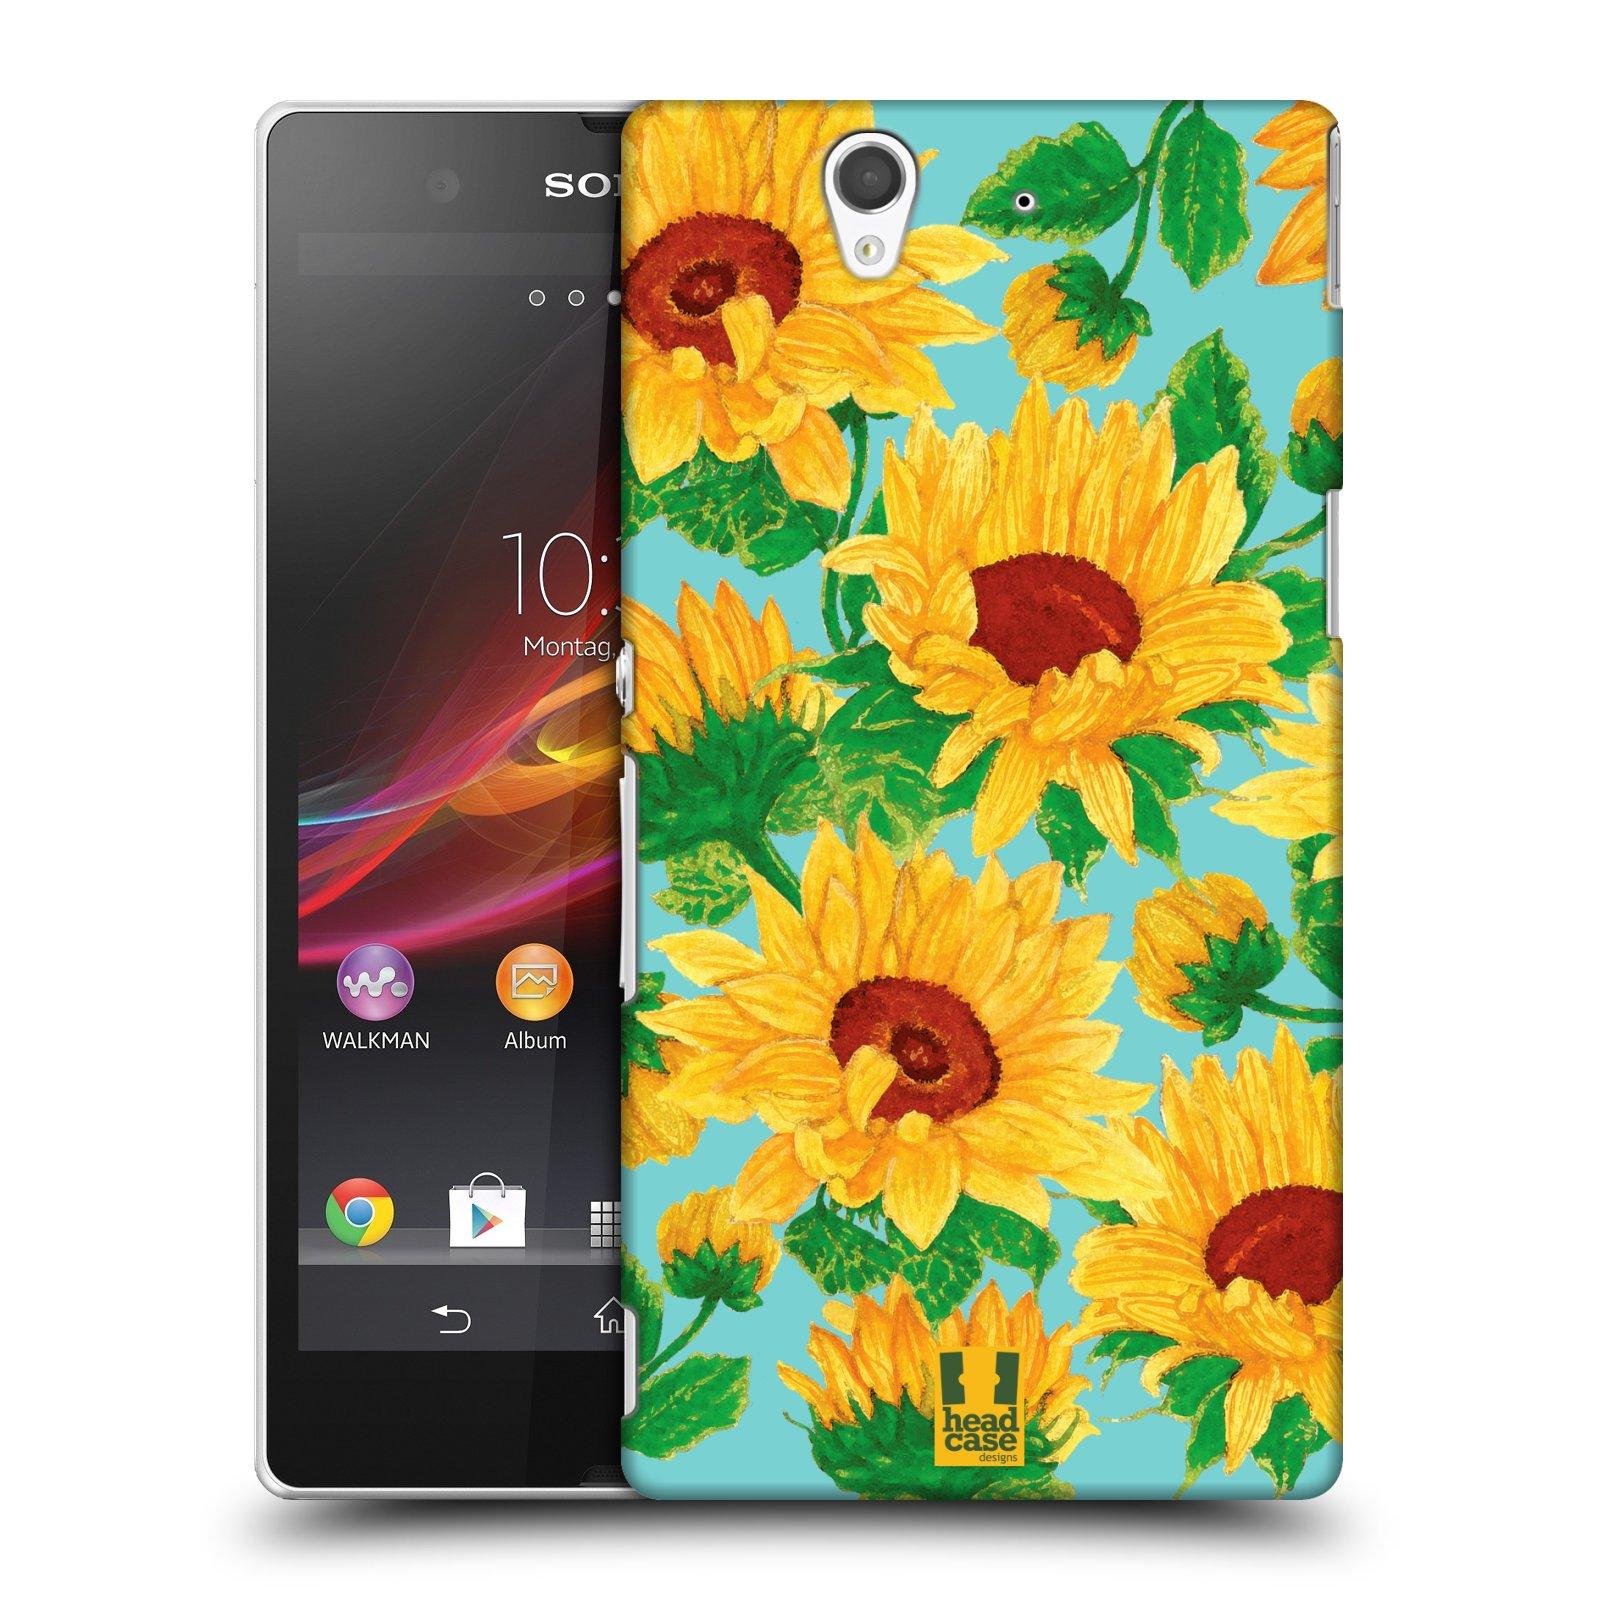 Plastové pouzdro na mobil Sony Xperia Z C6603 HEAD CASE Slunečnice (Kryt či obal na mobilní telefon Sony Xperia Z )